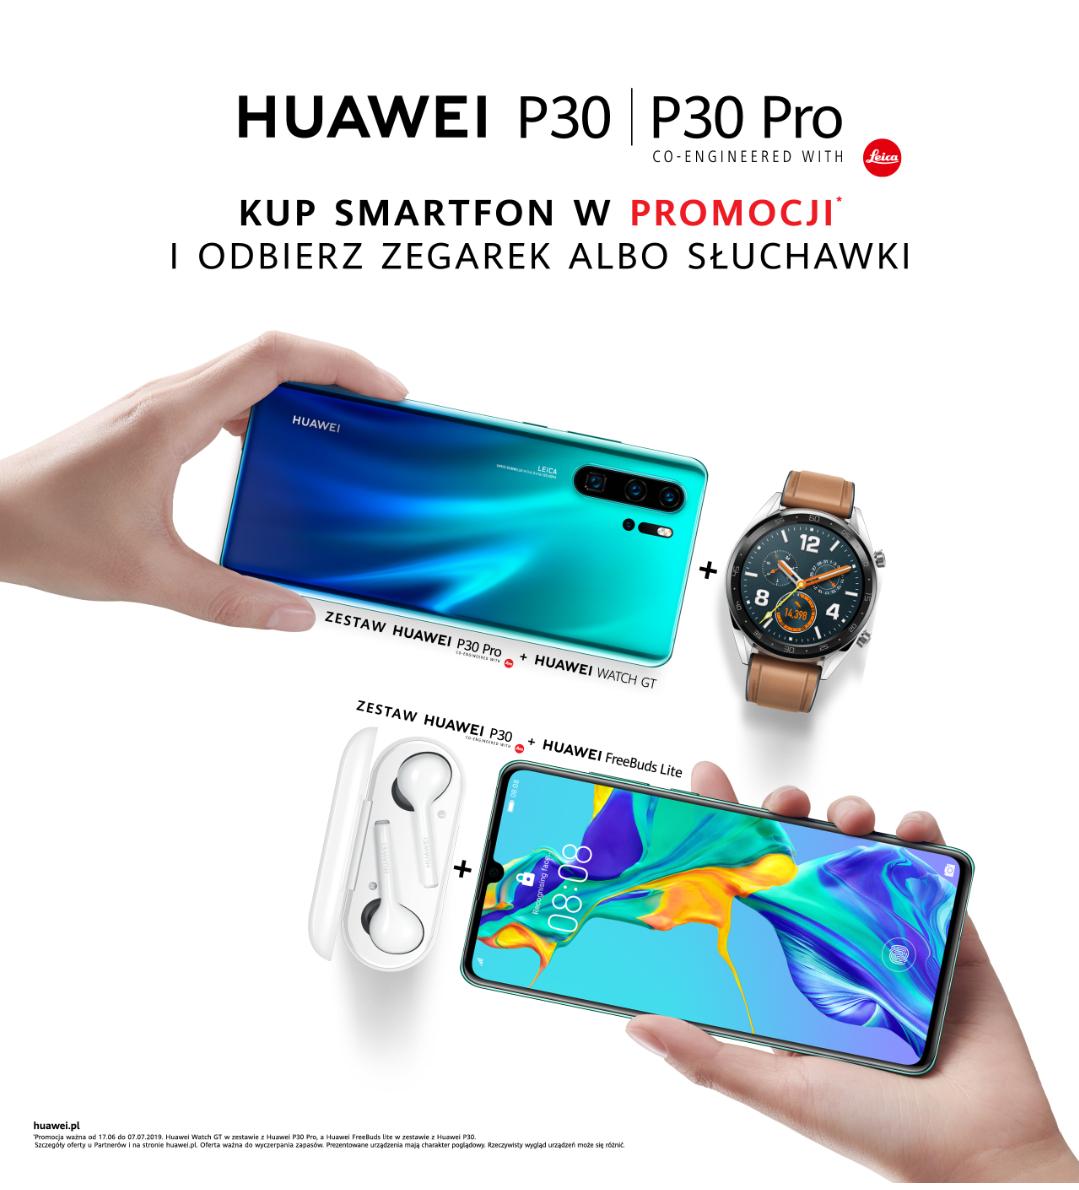 Huawei Watch GT lub Huawei Freebuds lite za darmo przy zakupie Huawei z serii P30